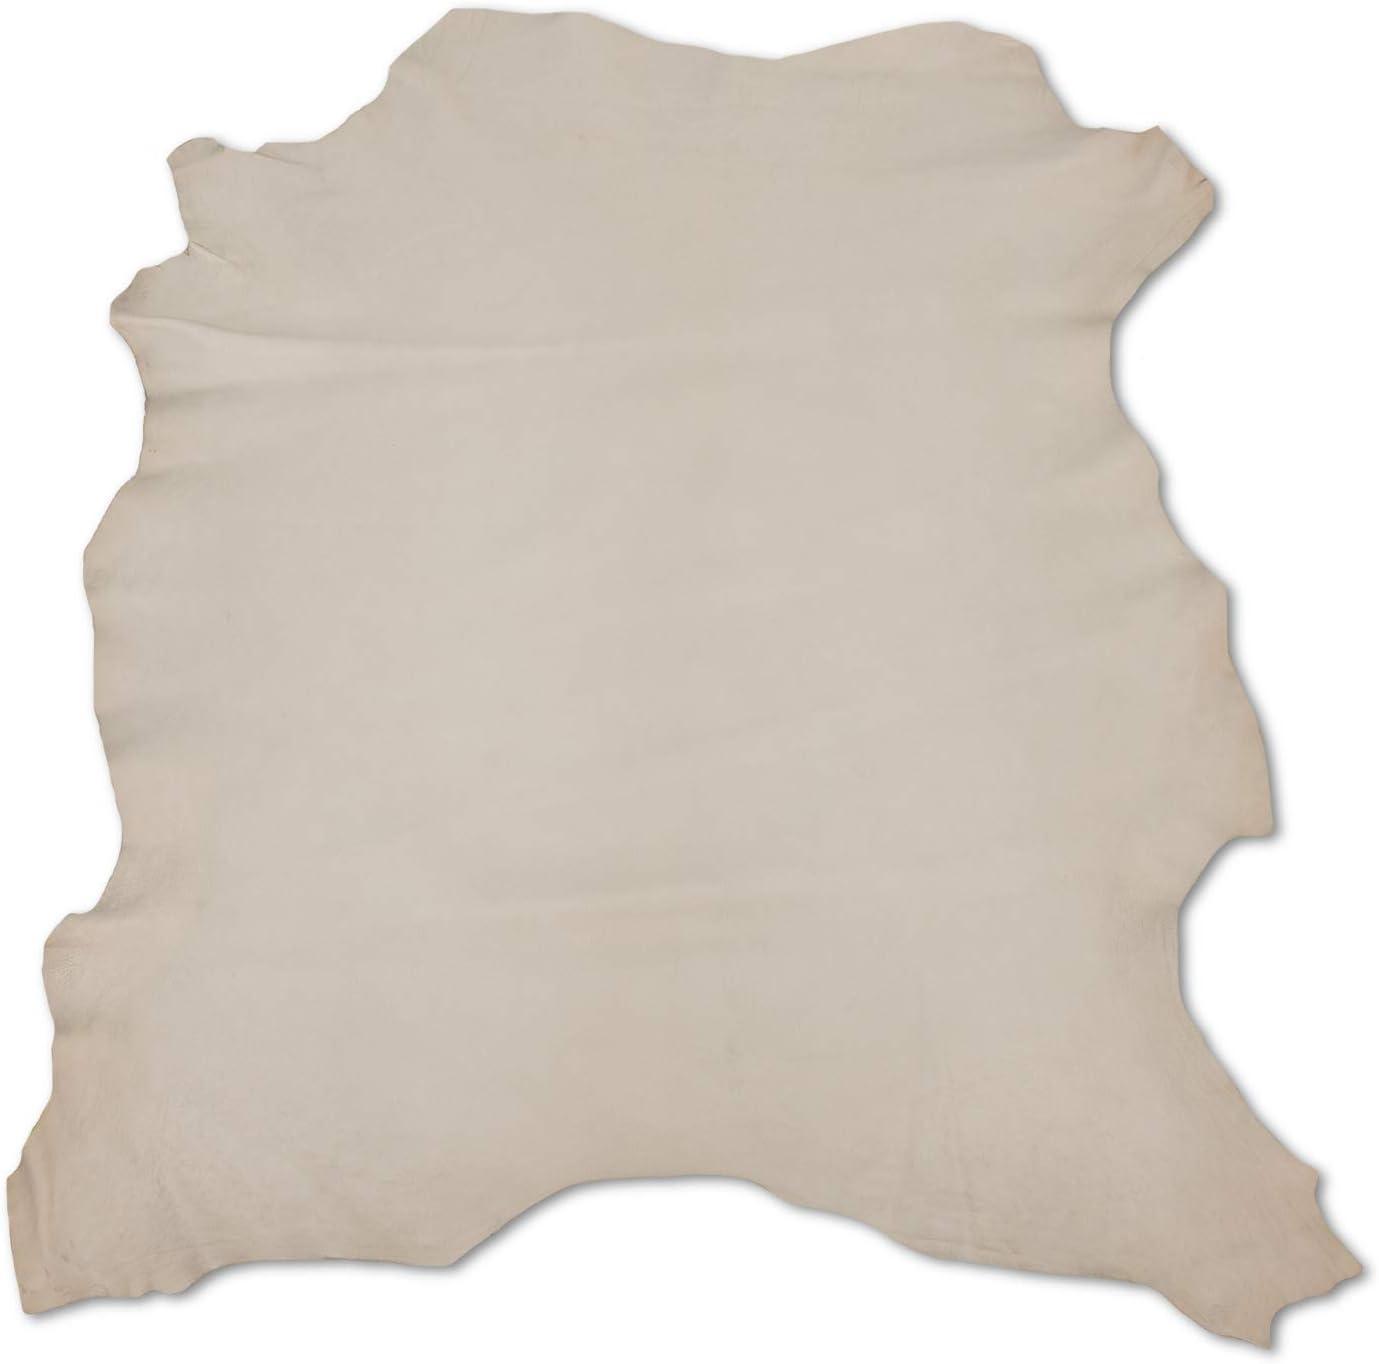 Zerimar Piel Cuero | Pieles Cuero Natural | Retales de Piel para Manualidades | Piel para Artesanos | Retal Cuero | Retales de Cuero | Color: camel | Medidas: 90x80 cm